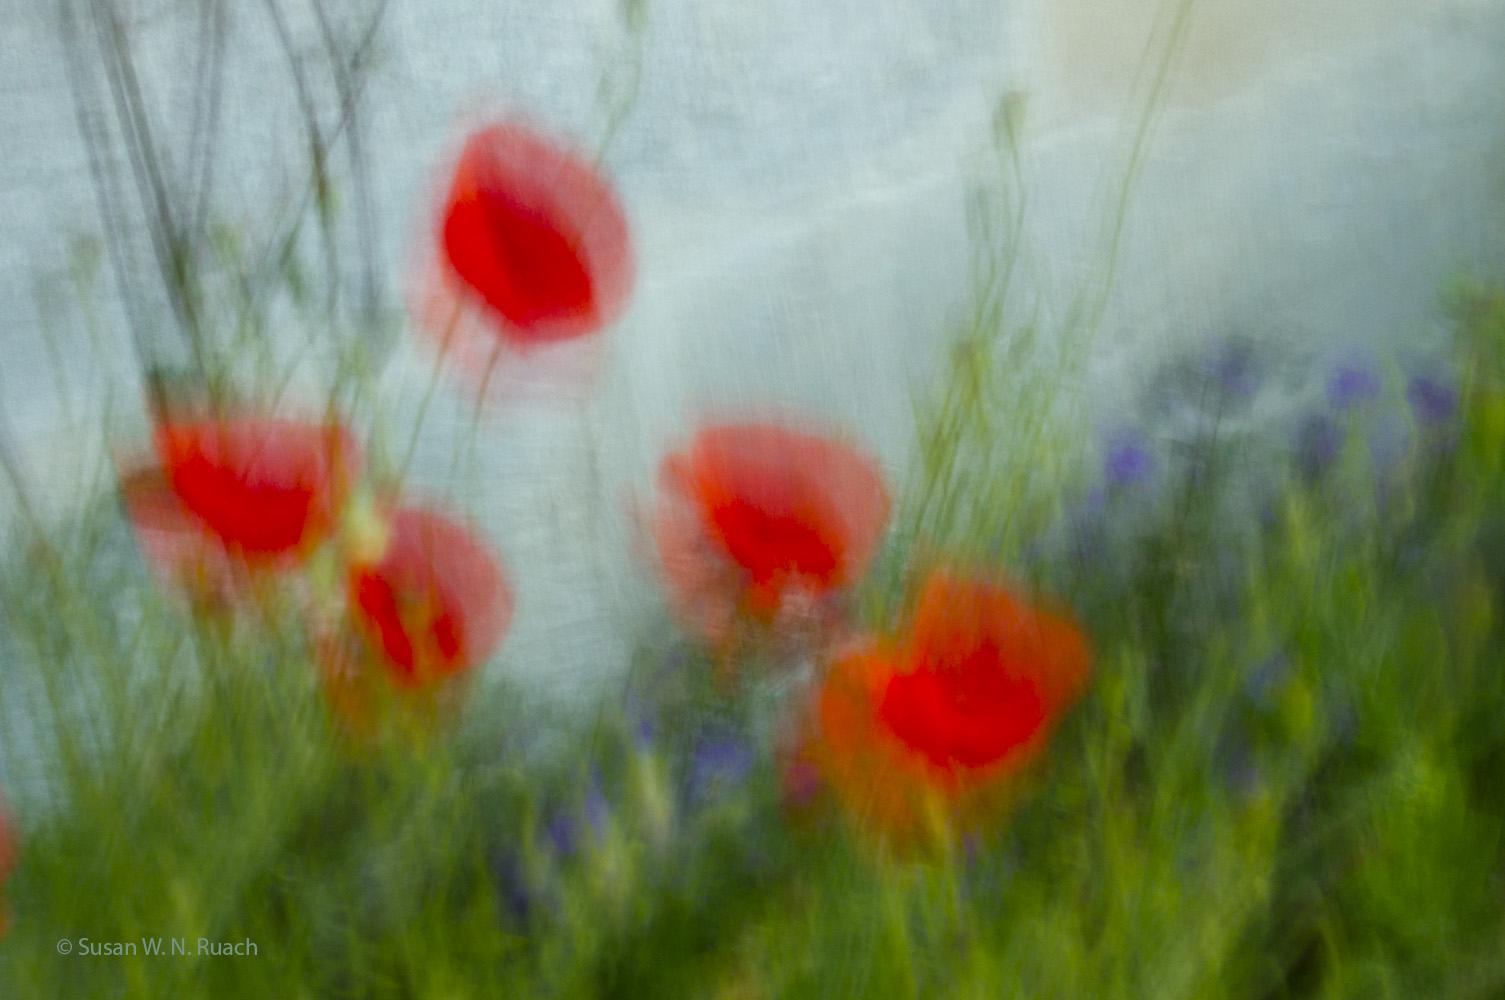 Monet's Poppies